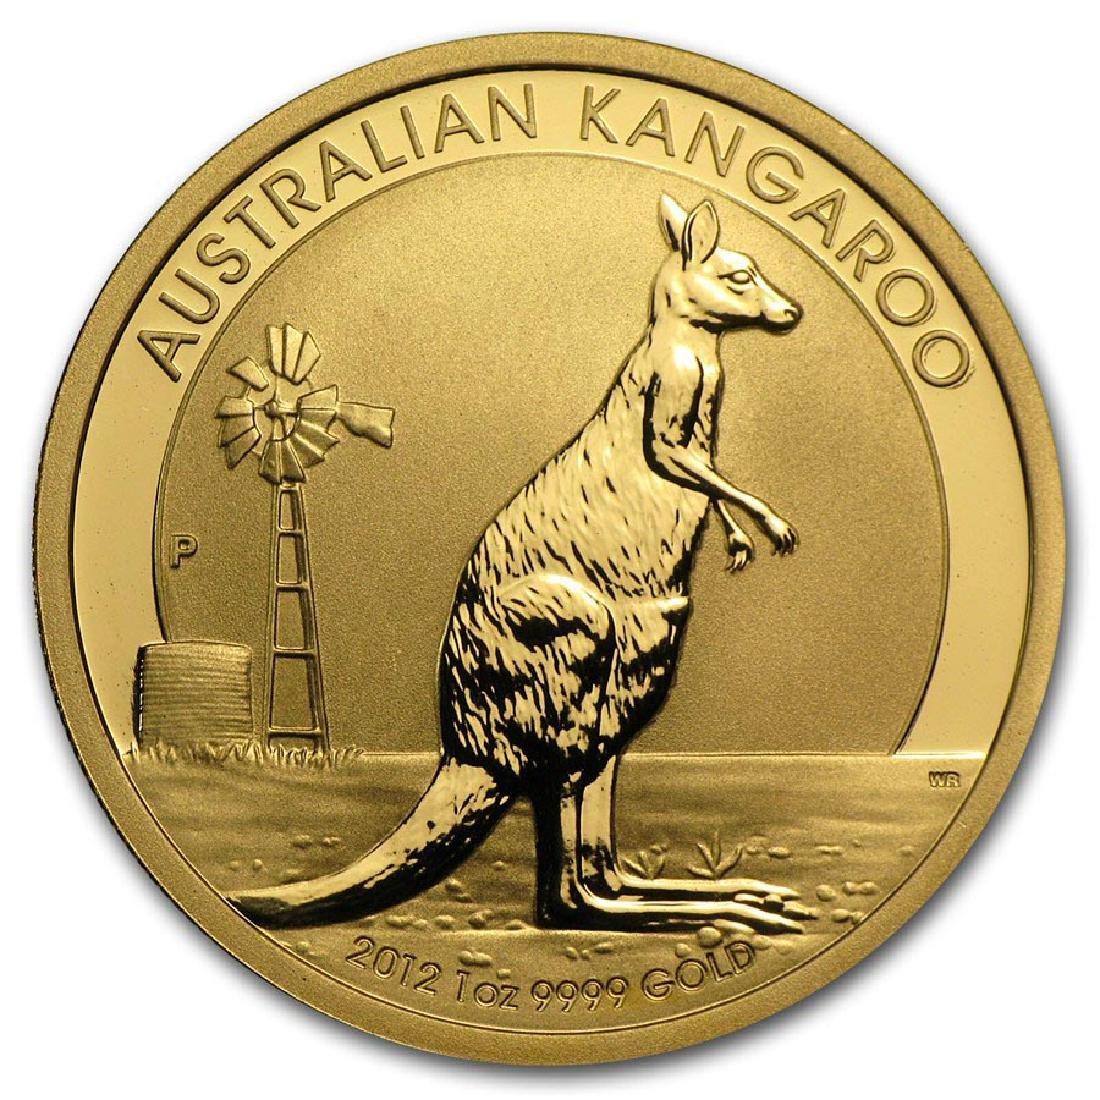 2012 Australia 1 oz Gold Kangaroo BU